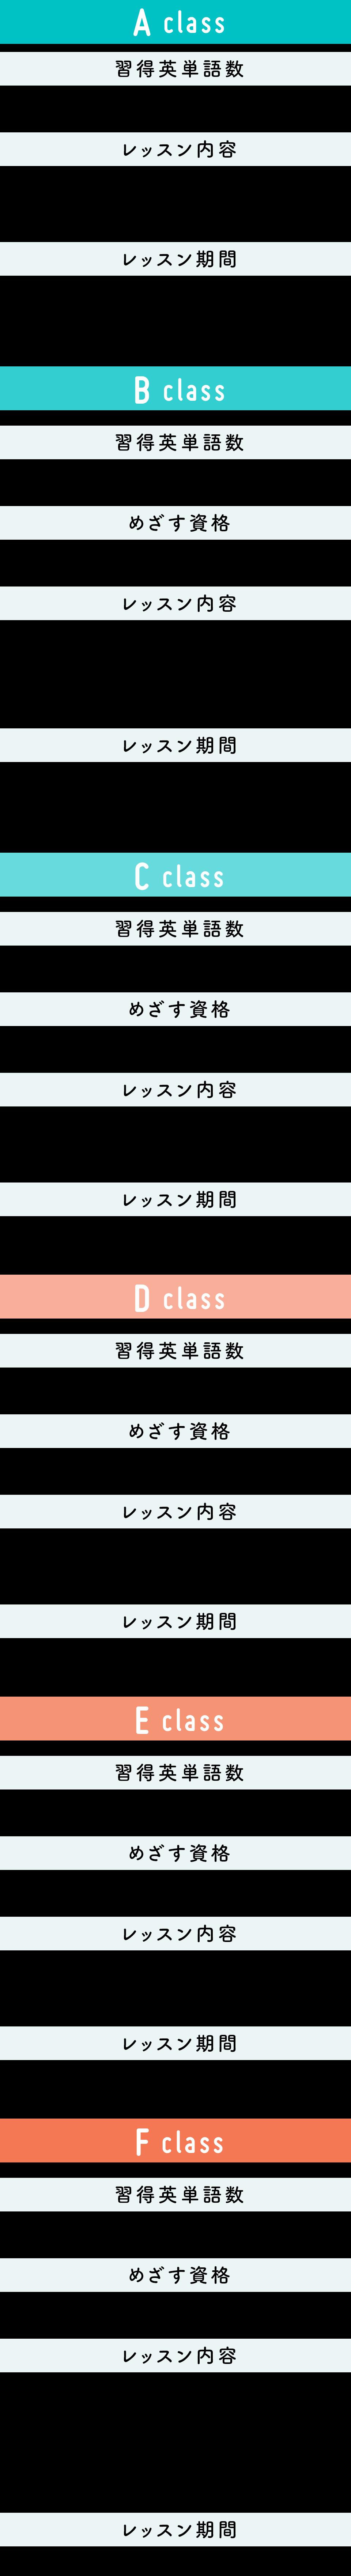 英語の習熟度に合わせたクラス分け